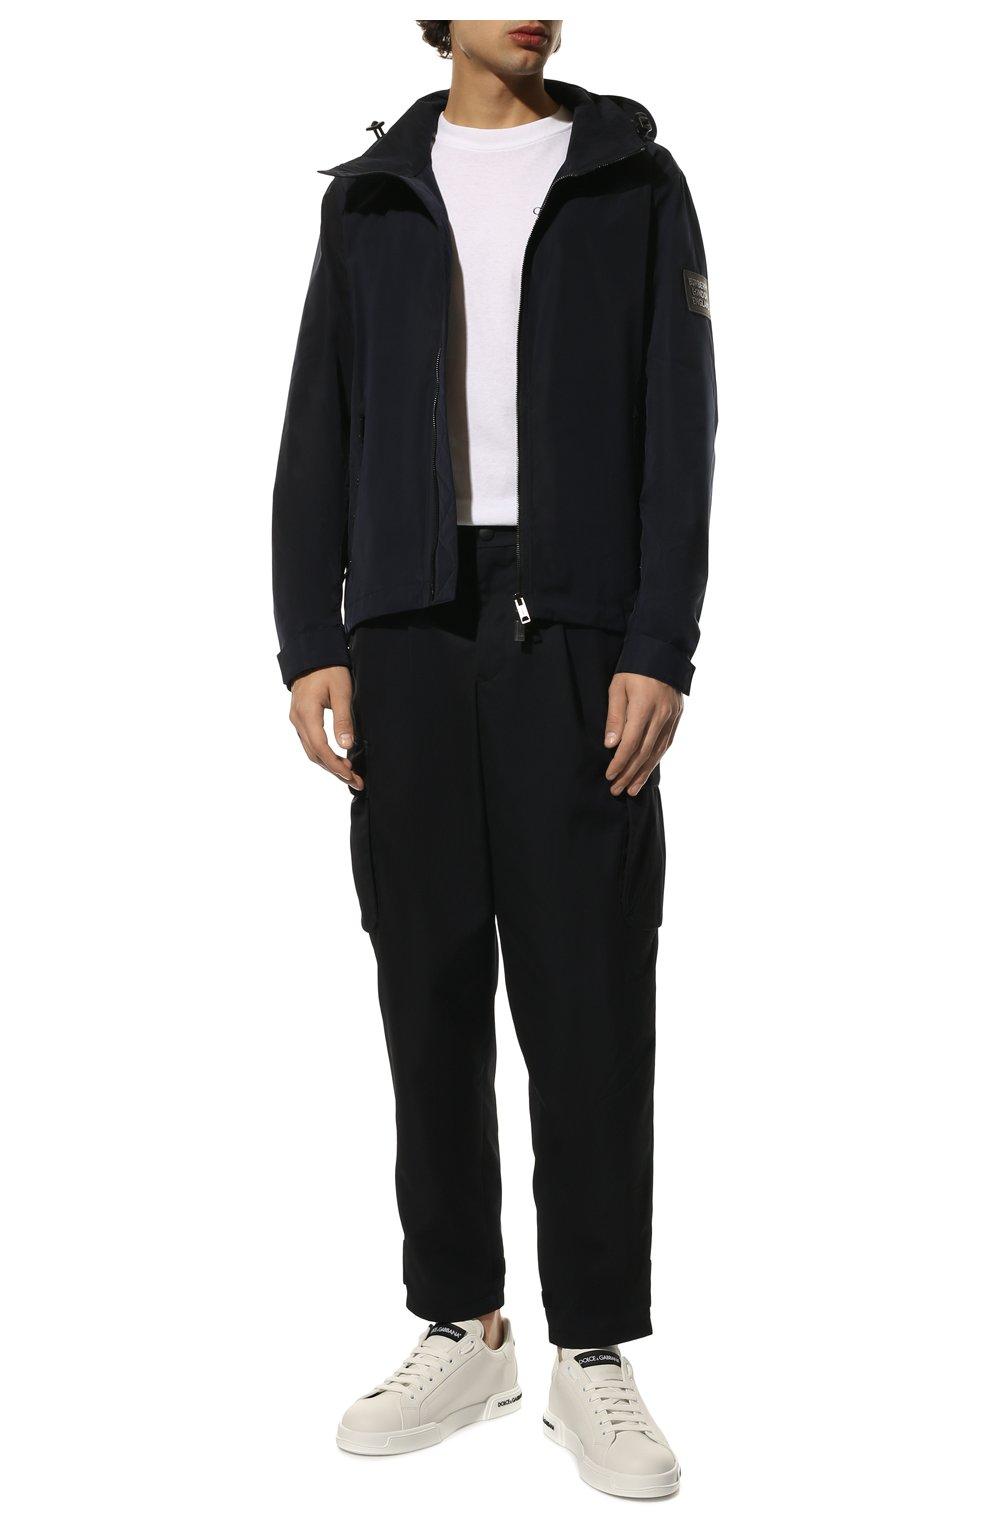 Мужская утепленная куртка BURBERRY синего цвета, арт. 8014364 | Фото 2 (Кросс-КТ: Куртка; Рукава: Длинные; Материал внешний: Синтетический материал; Мужское Кросс-КТ: утепленные куртки; Материал подклада: Синтетический материал; Длина (верхняя одежда): Короткие; Стили: Кэжуэл)